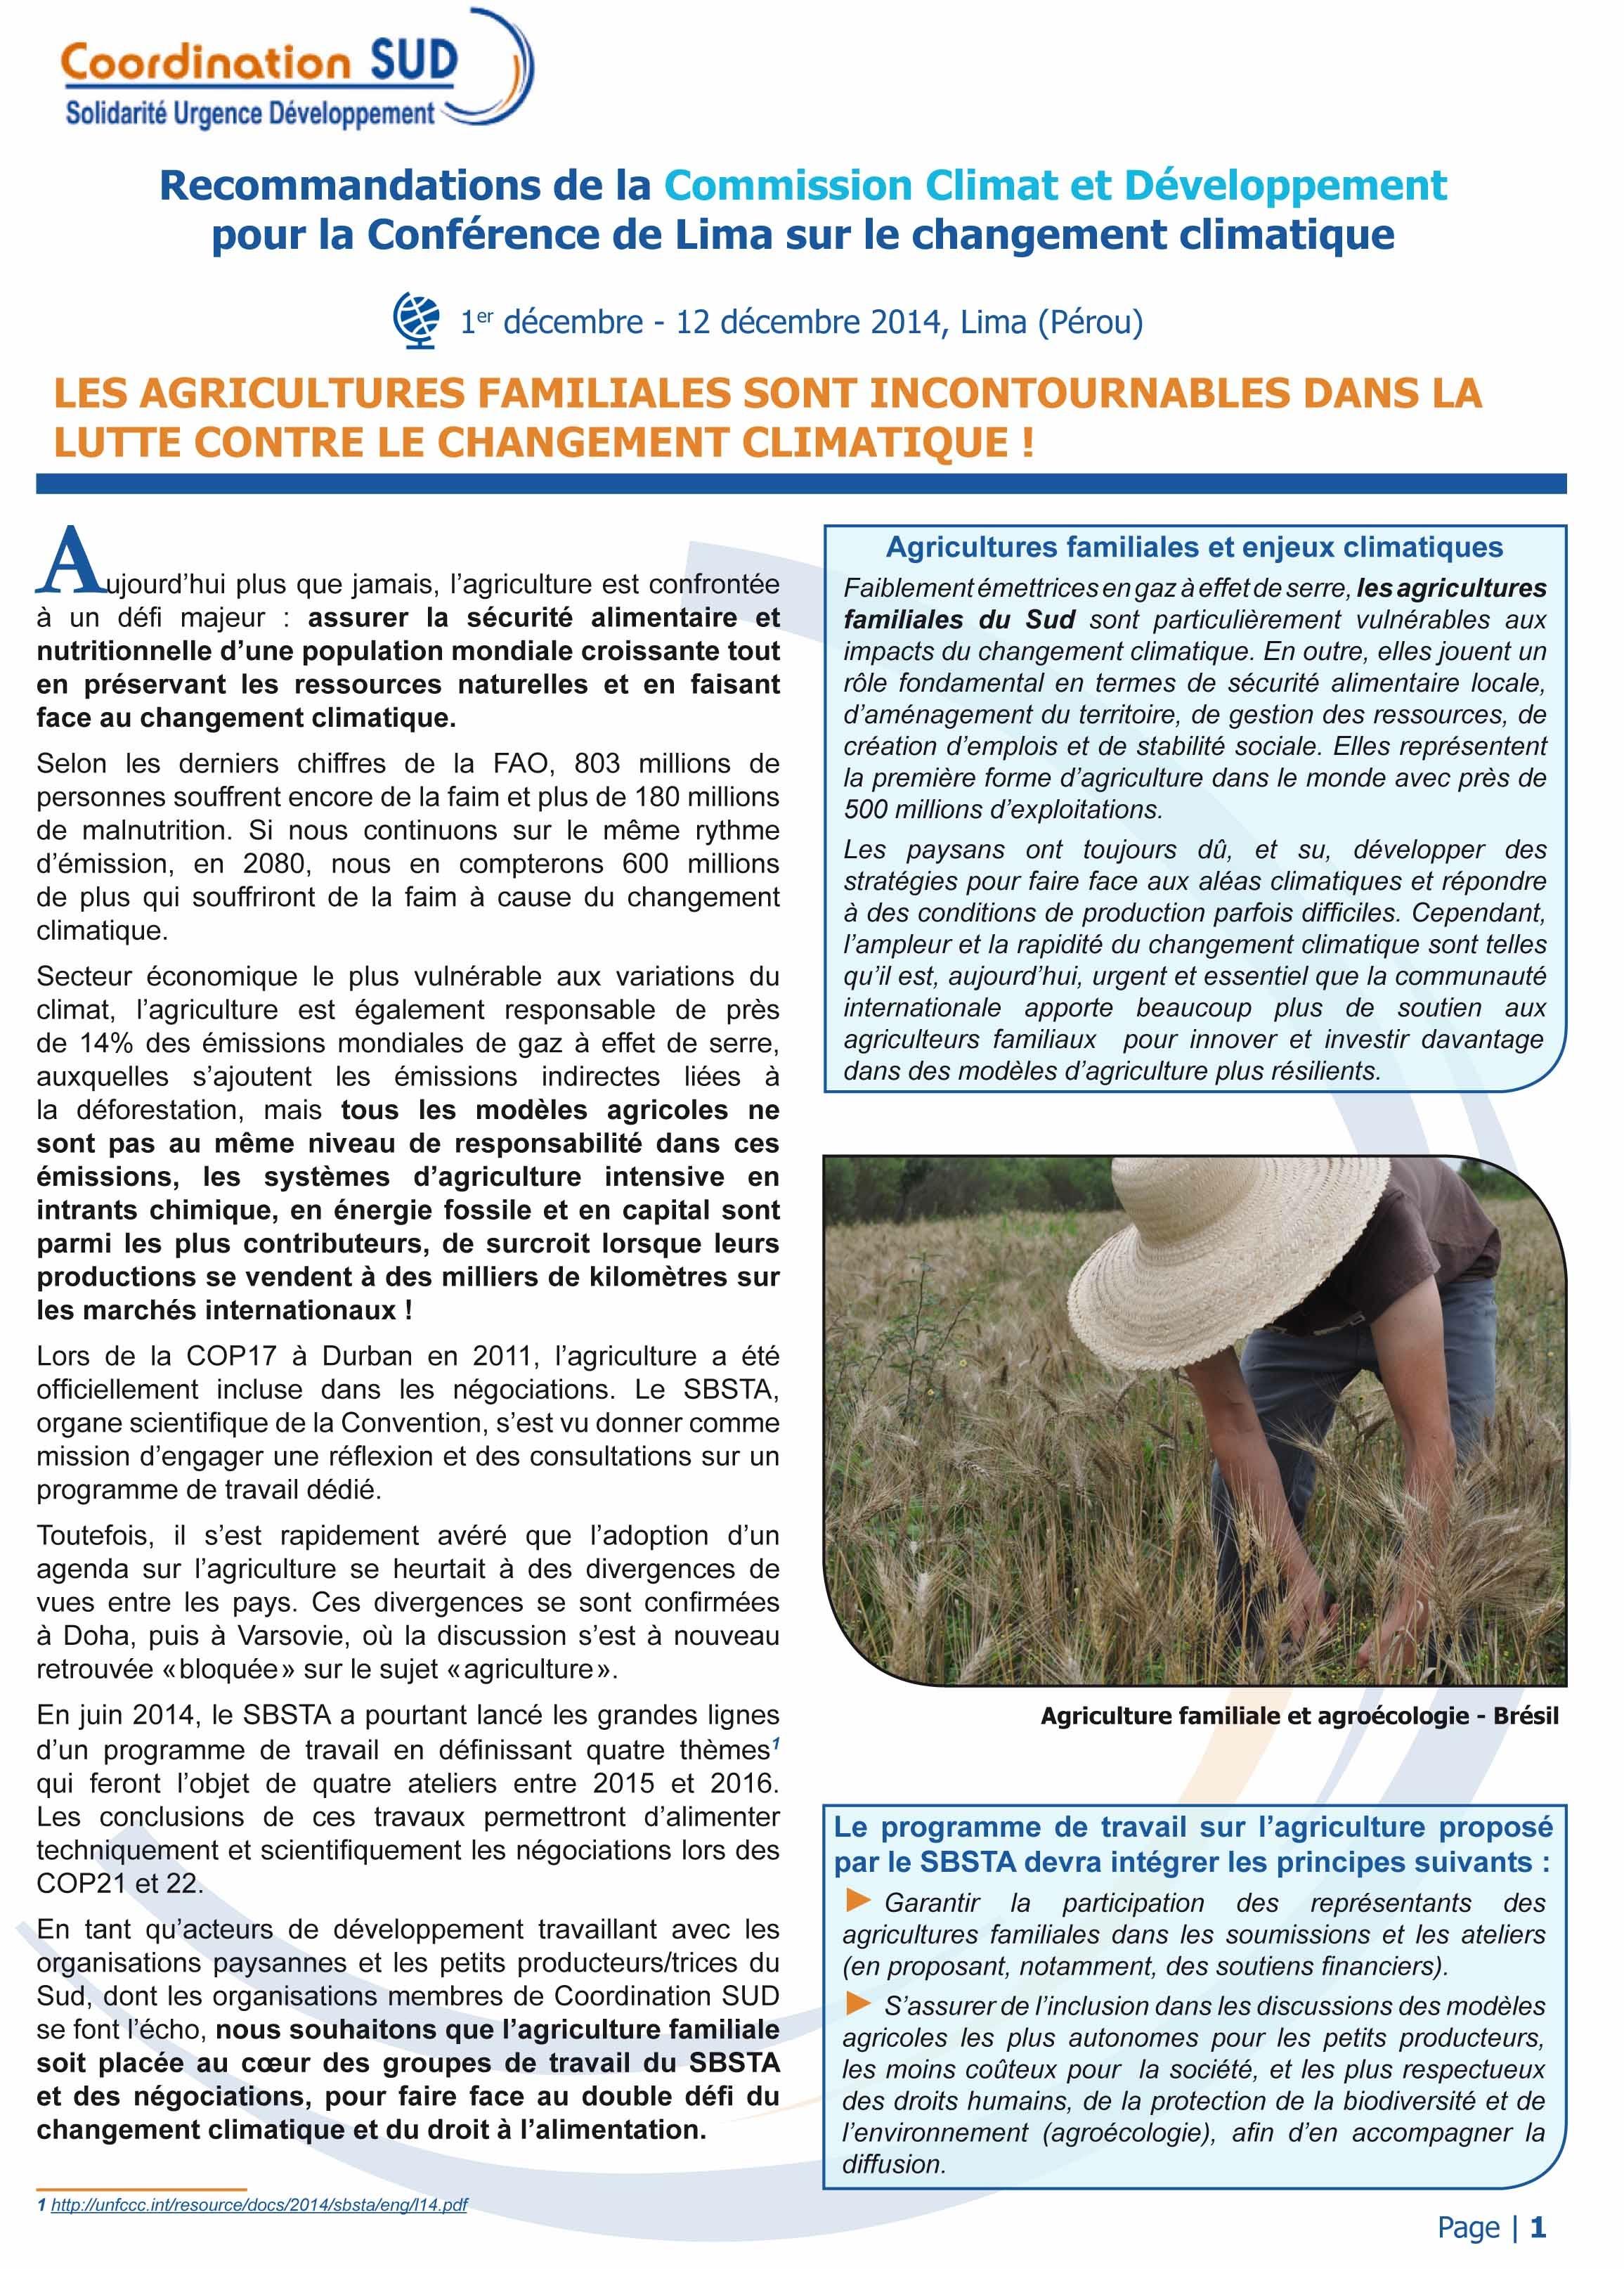 Les agricultures familiales sont incontournables dans la lutte contre le changement climatique !  Image principale